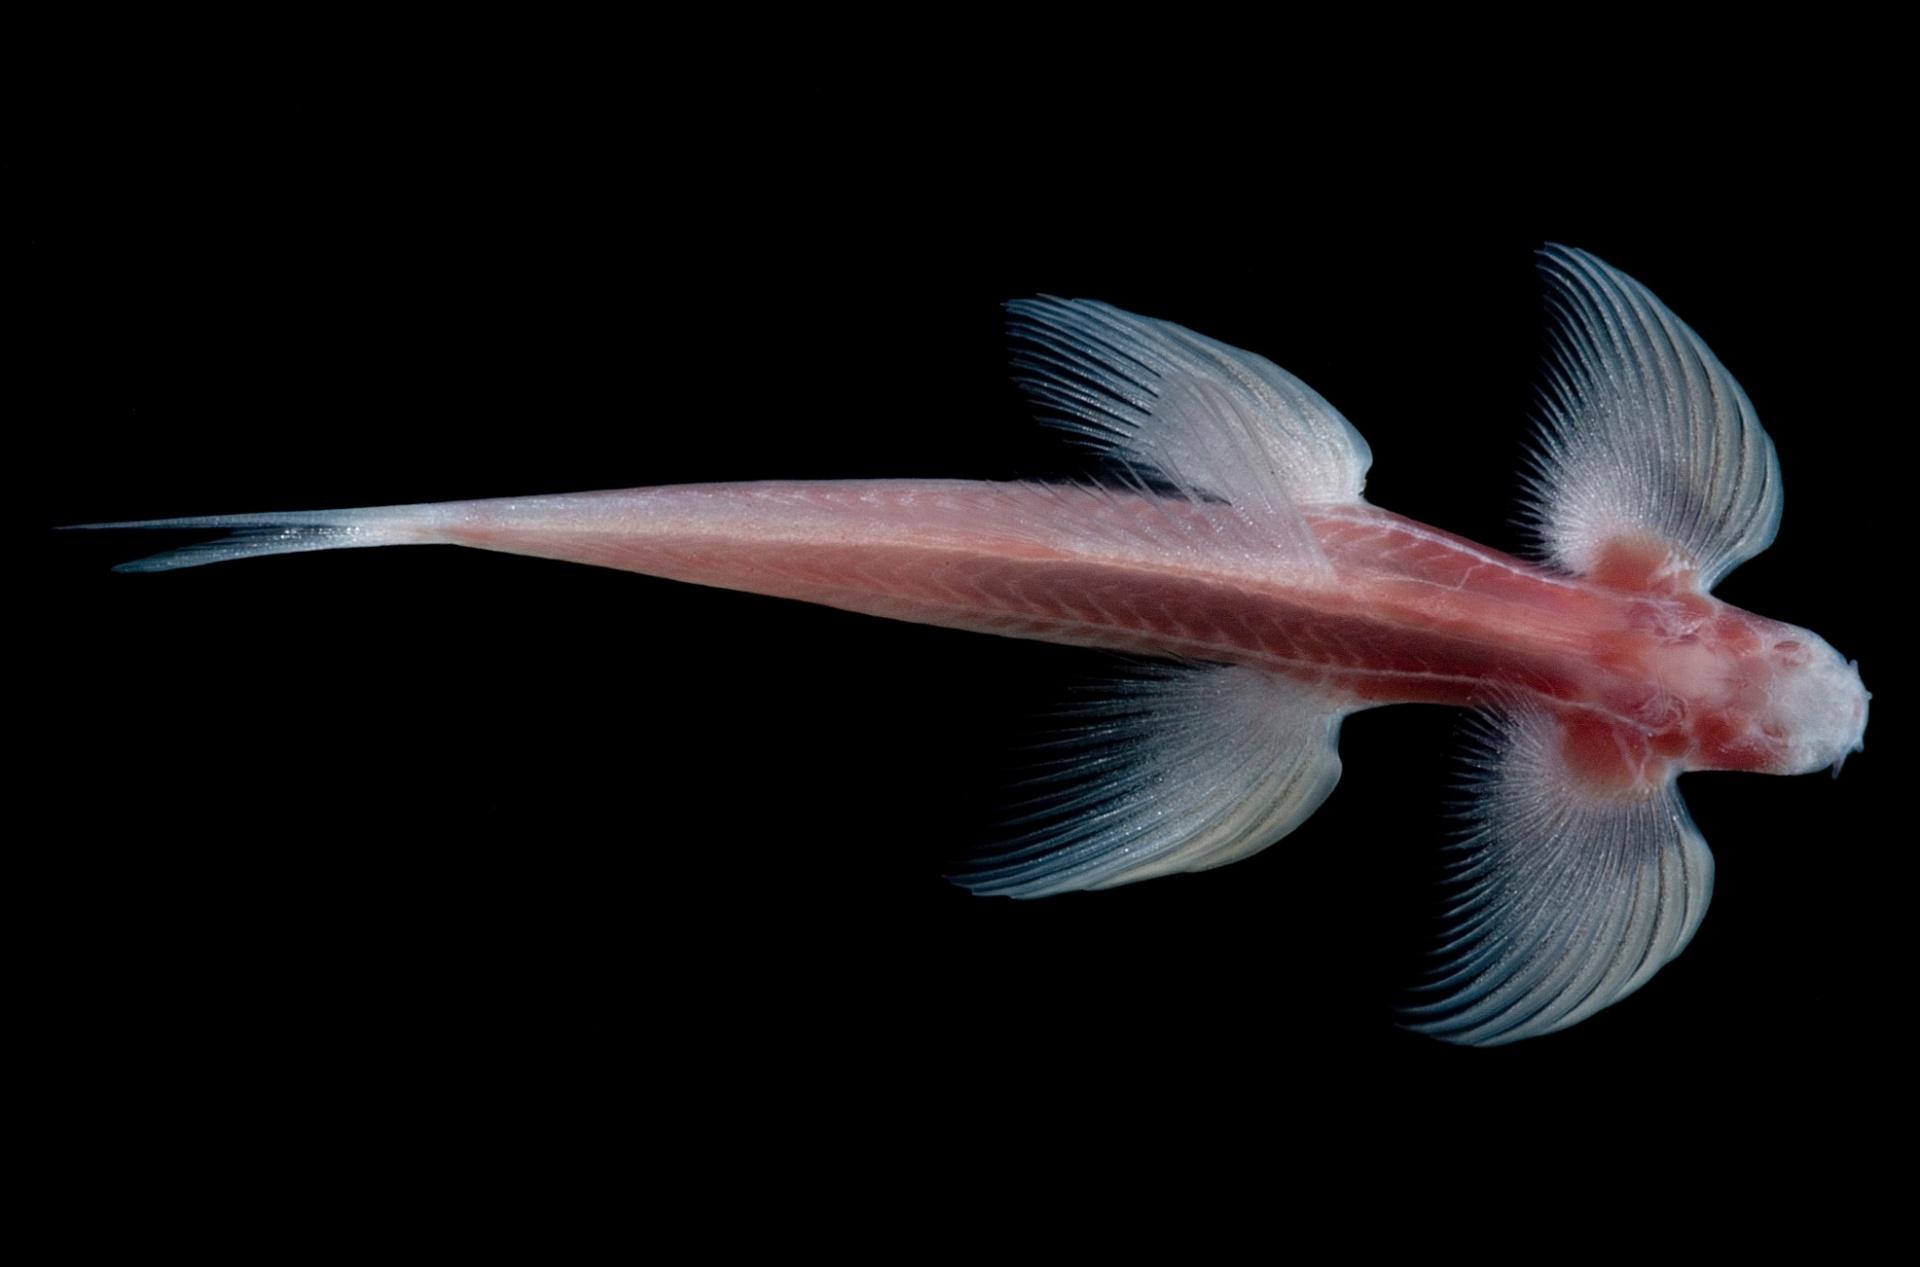 5.jul.2016 ? O peixe da espécie Cryptotora thamicola foi fotografado no norte da Tailândia pelo fotógrafo de animais selvagens Danté Fenolio. O animal não tem olhos, mas consegue se locomover de modo semelhante aos vertebrados terrestres como as salamandras. Cientistas estudam o peixe comprovaram que ele carrega características de bichos terrestres e analisam se ele pode desvendar mistérios de como a vida evoluiu da água para a terra